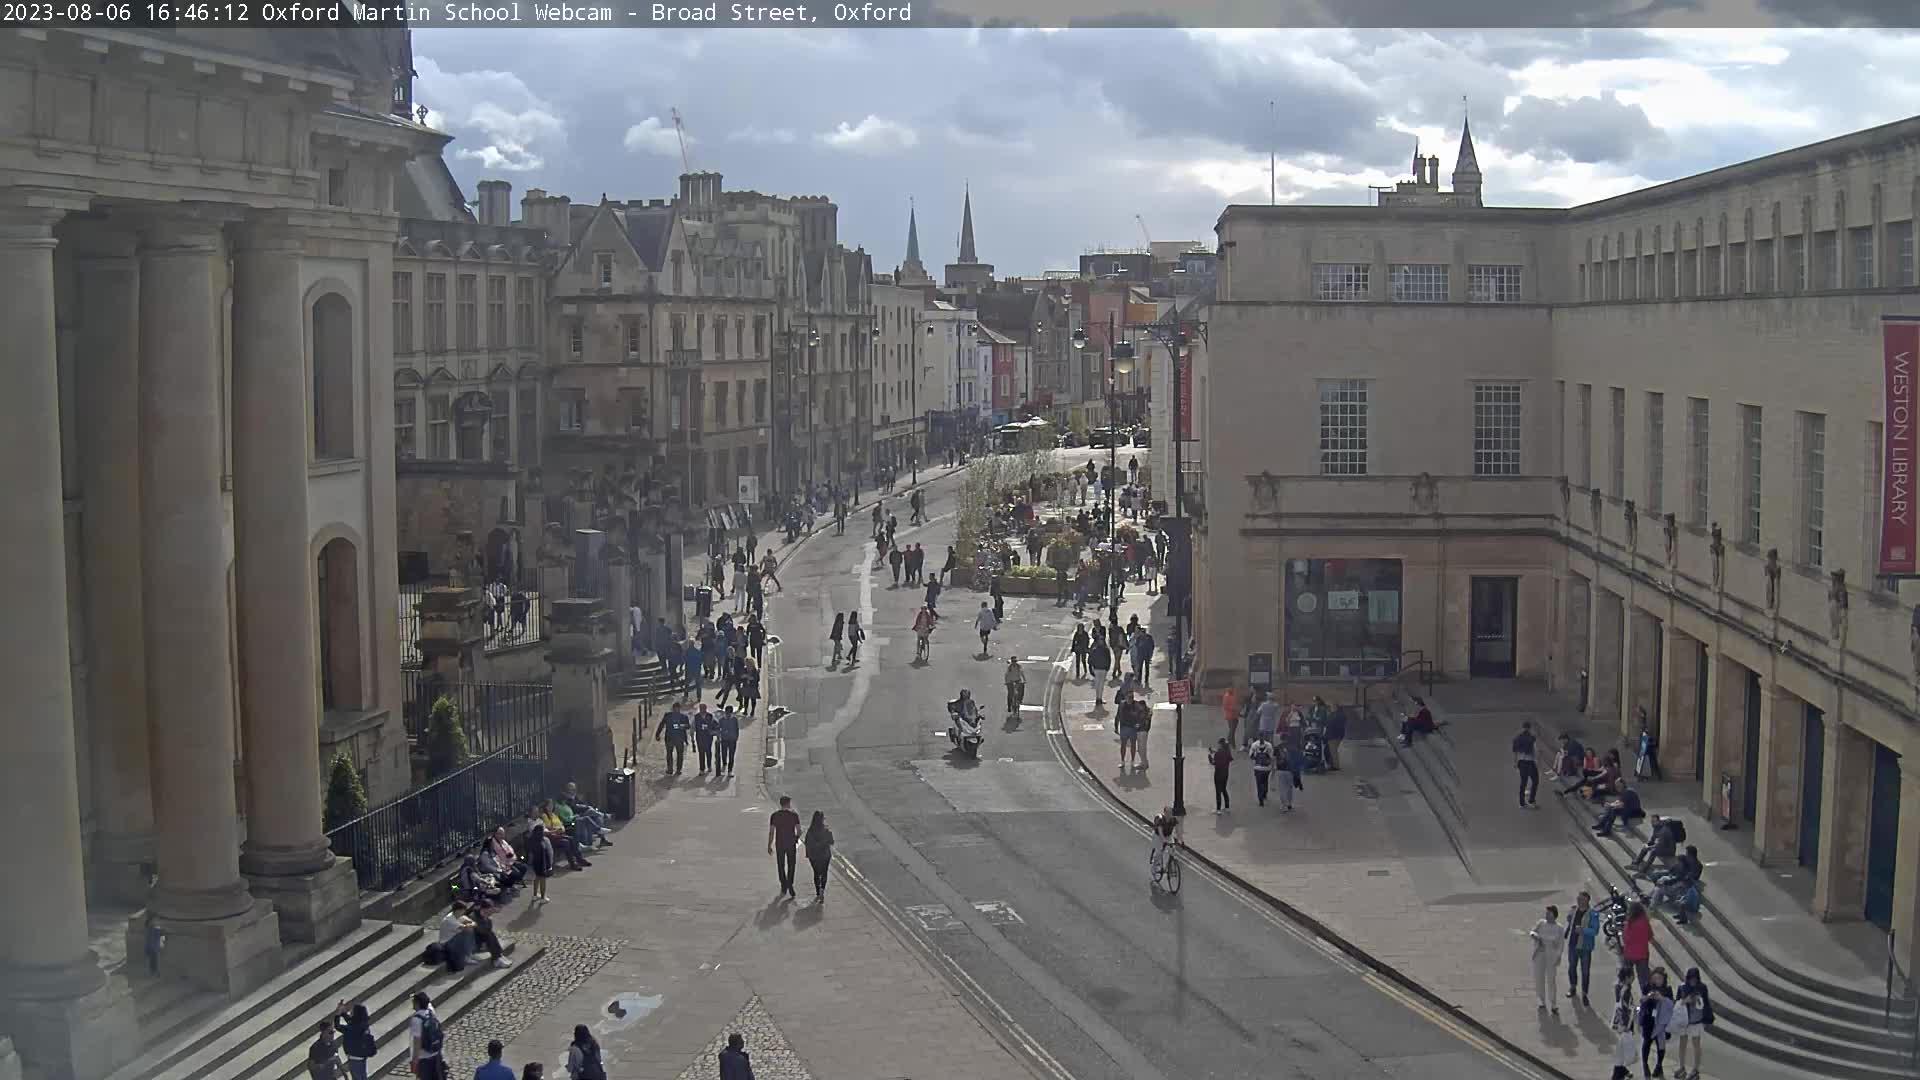 Oxford Sun. 16:46